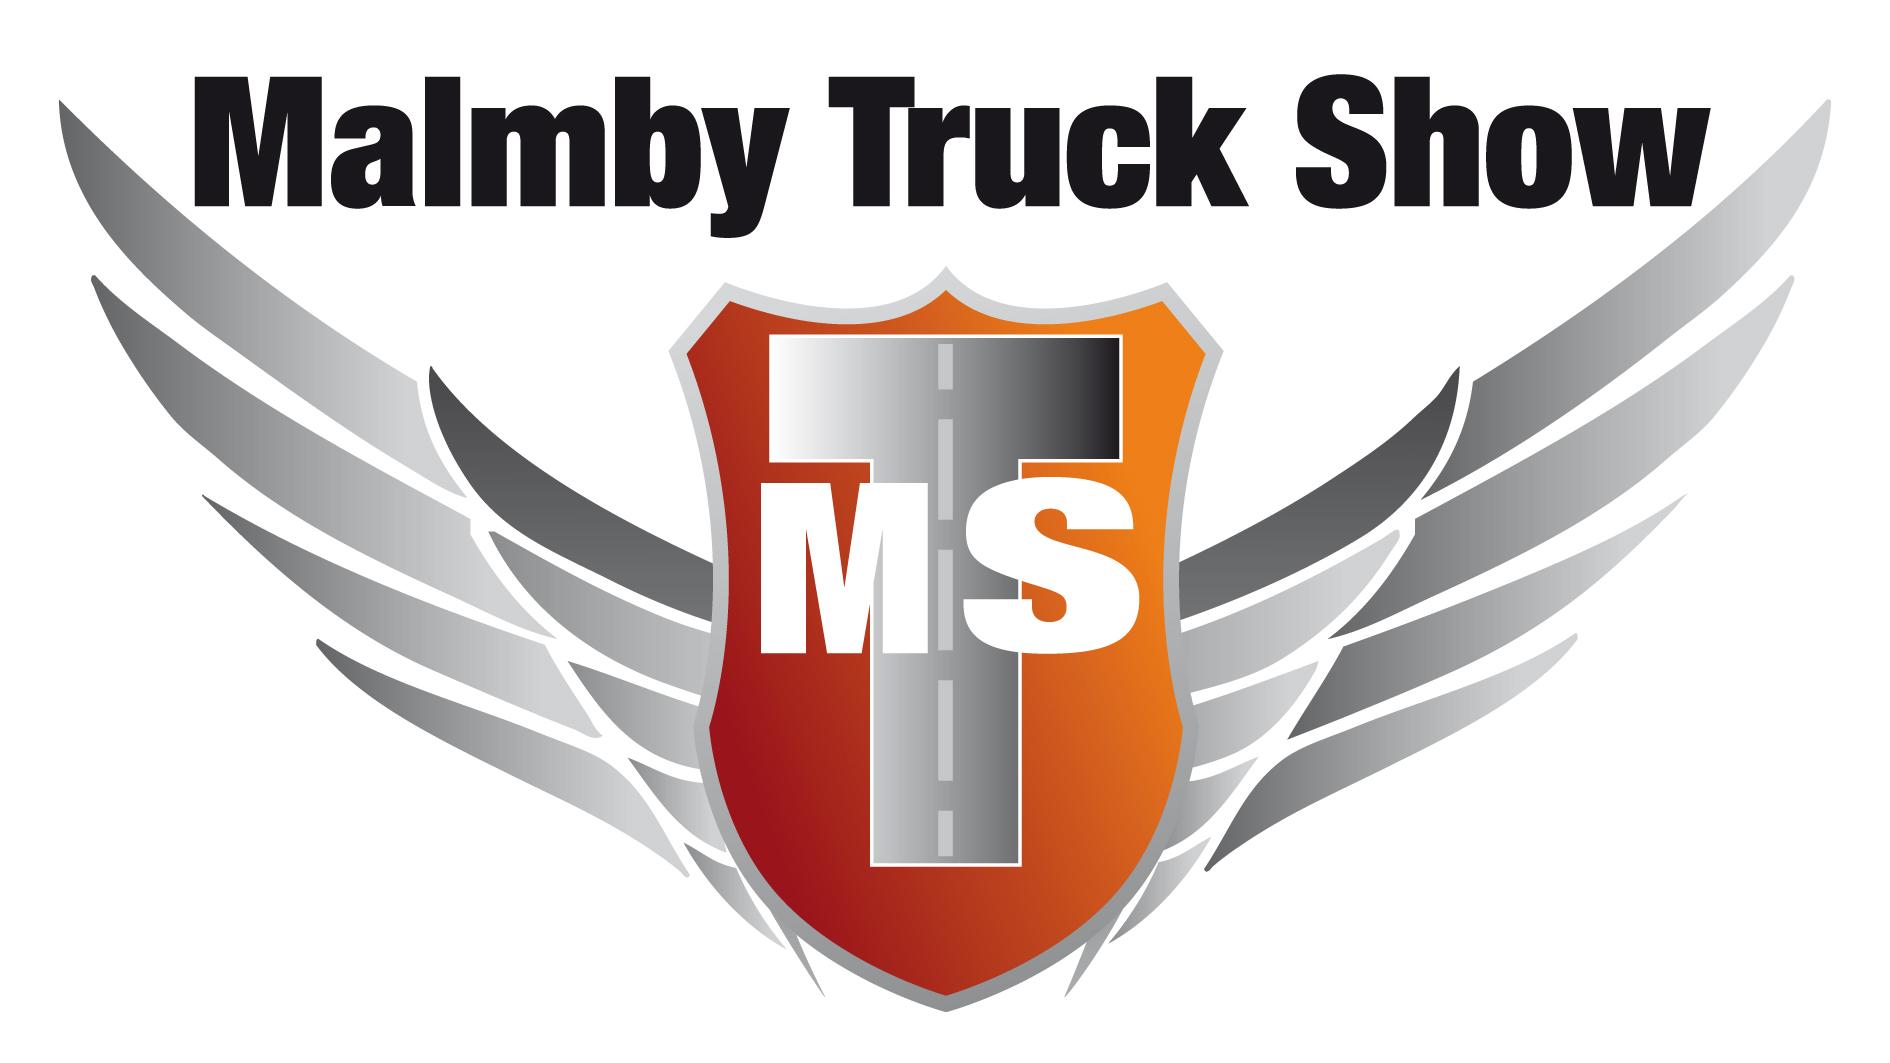 Malmby Truck Show